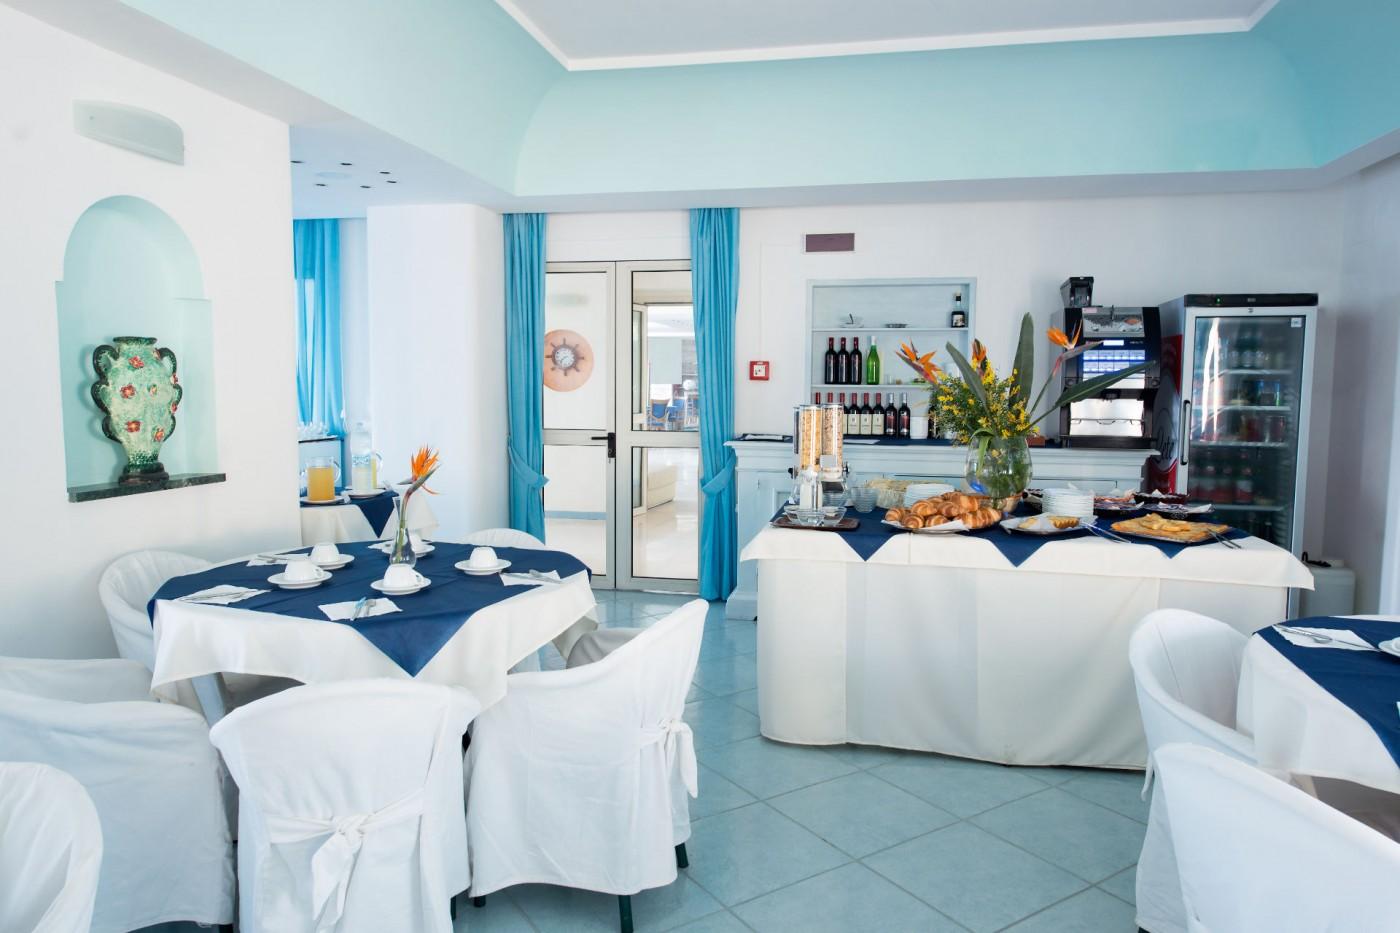 hotel-stella-maris-ischia-ristorante